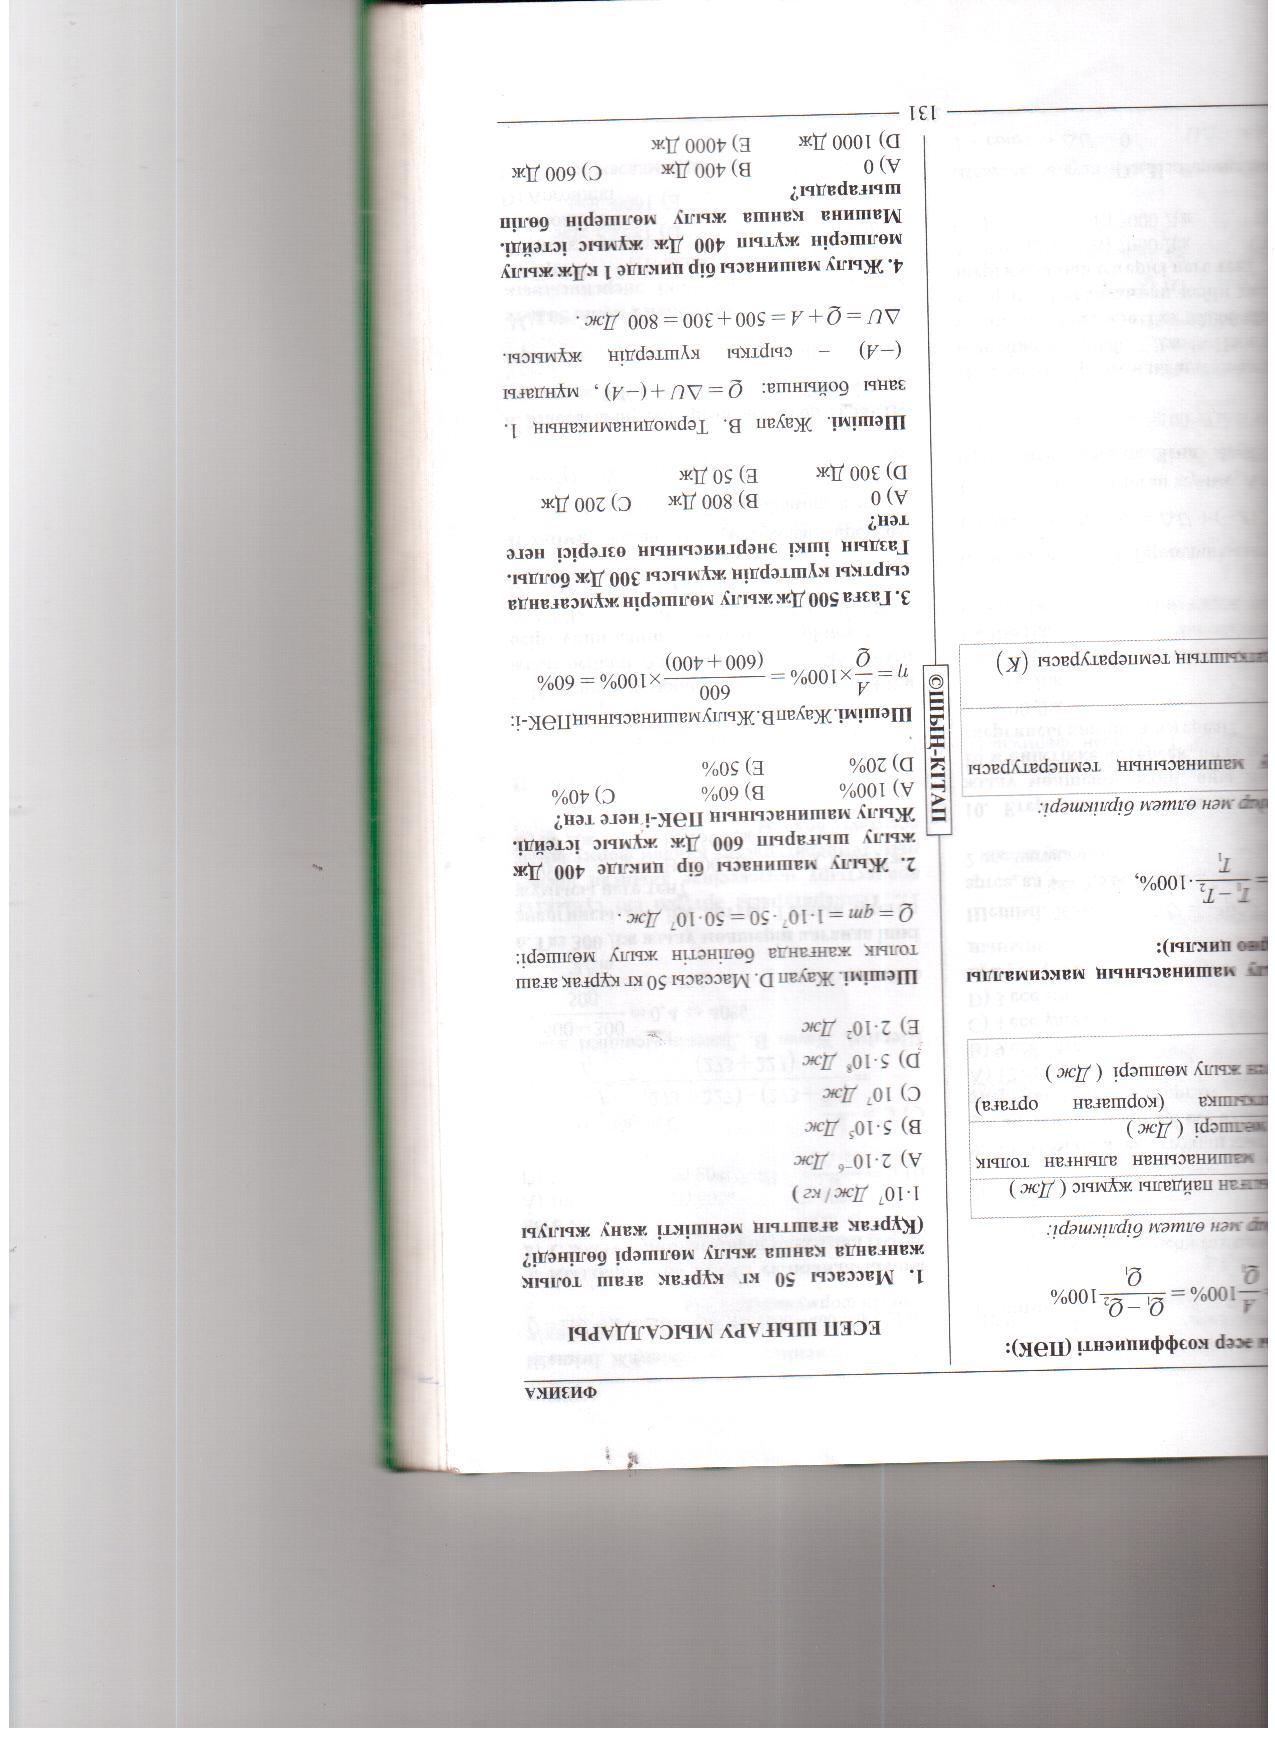 C:\Documents and Settings\Admin\Мои документы\Мои рисунки\Изображение\Изображение 021.jpg